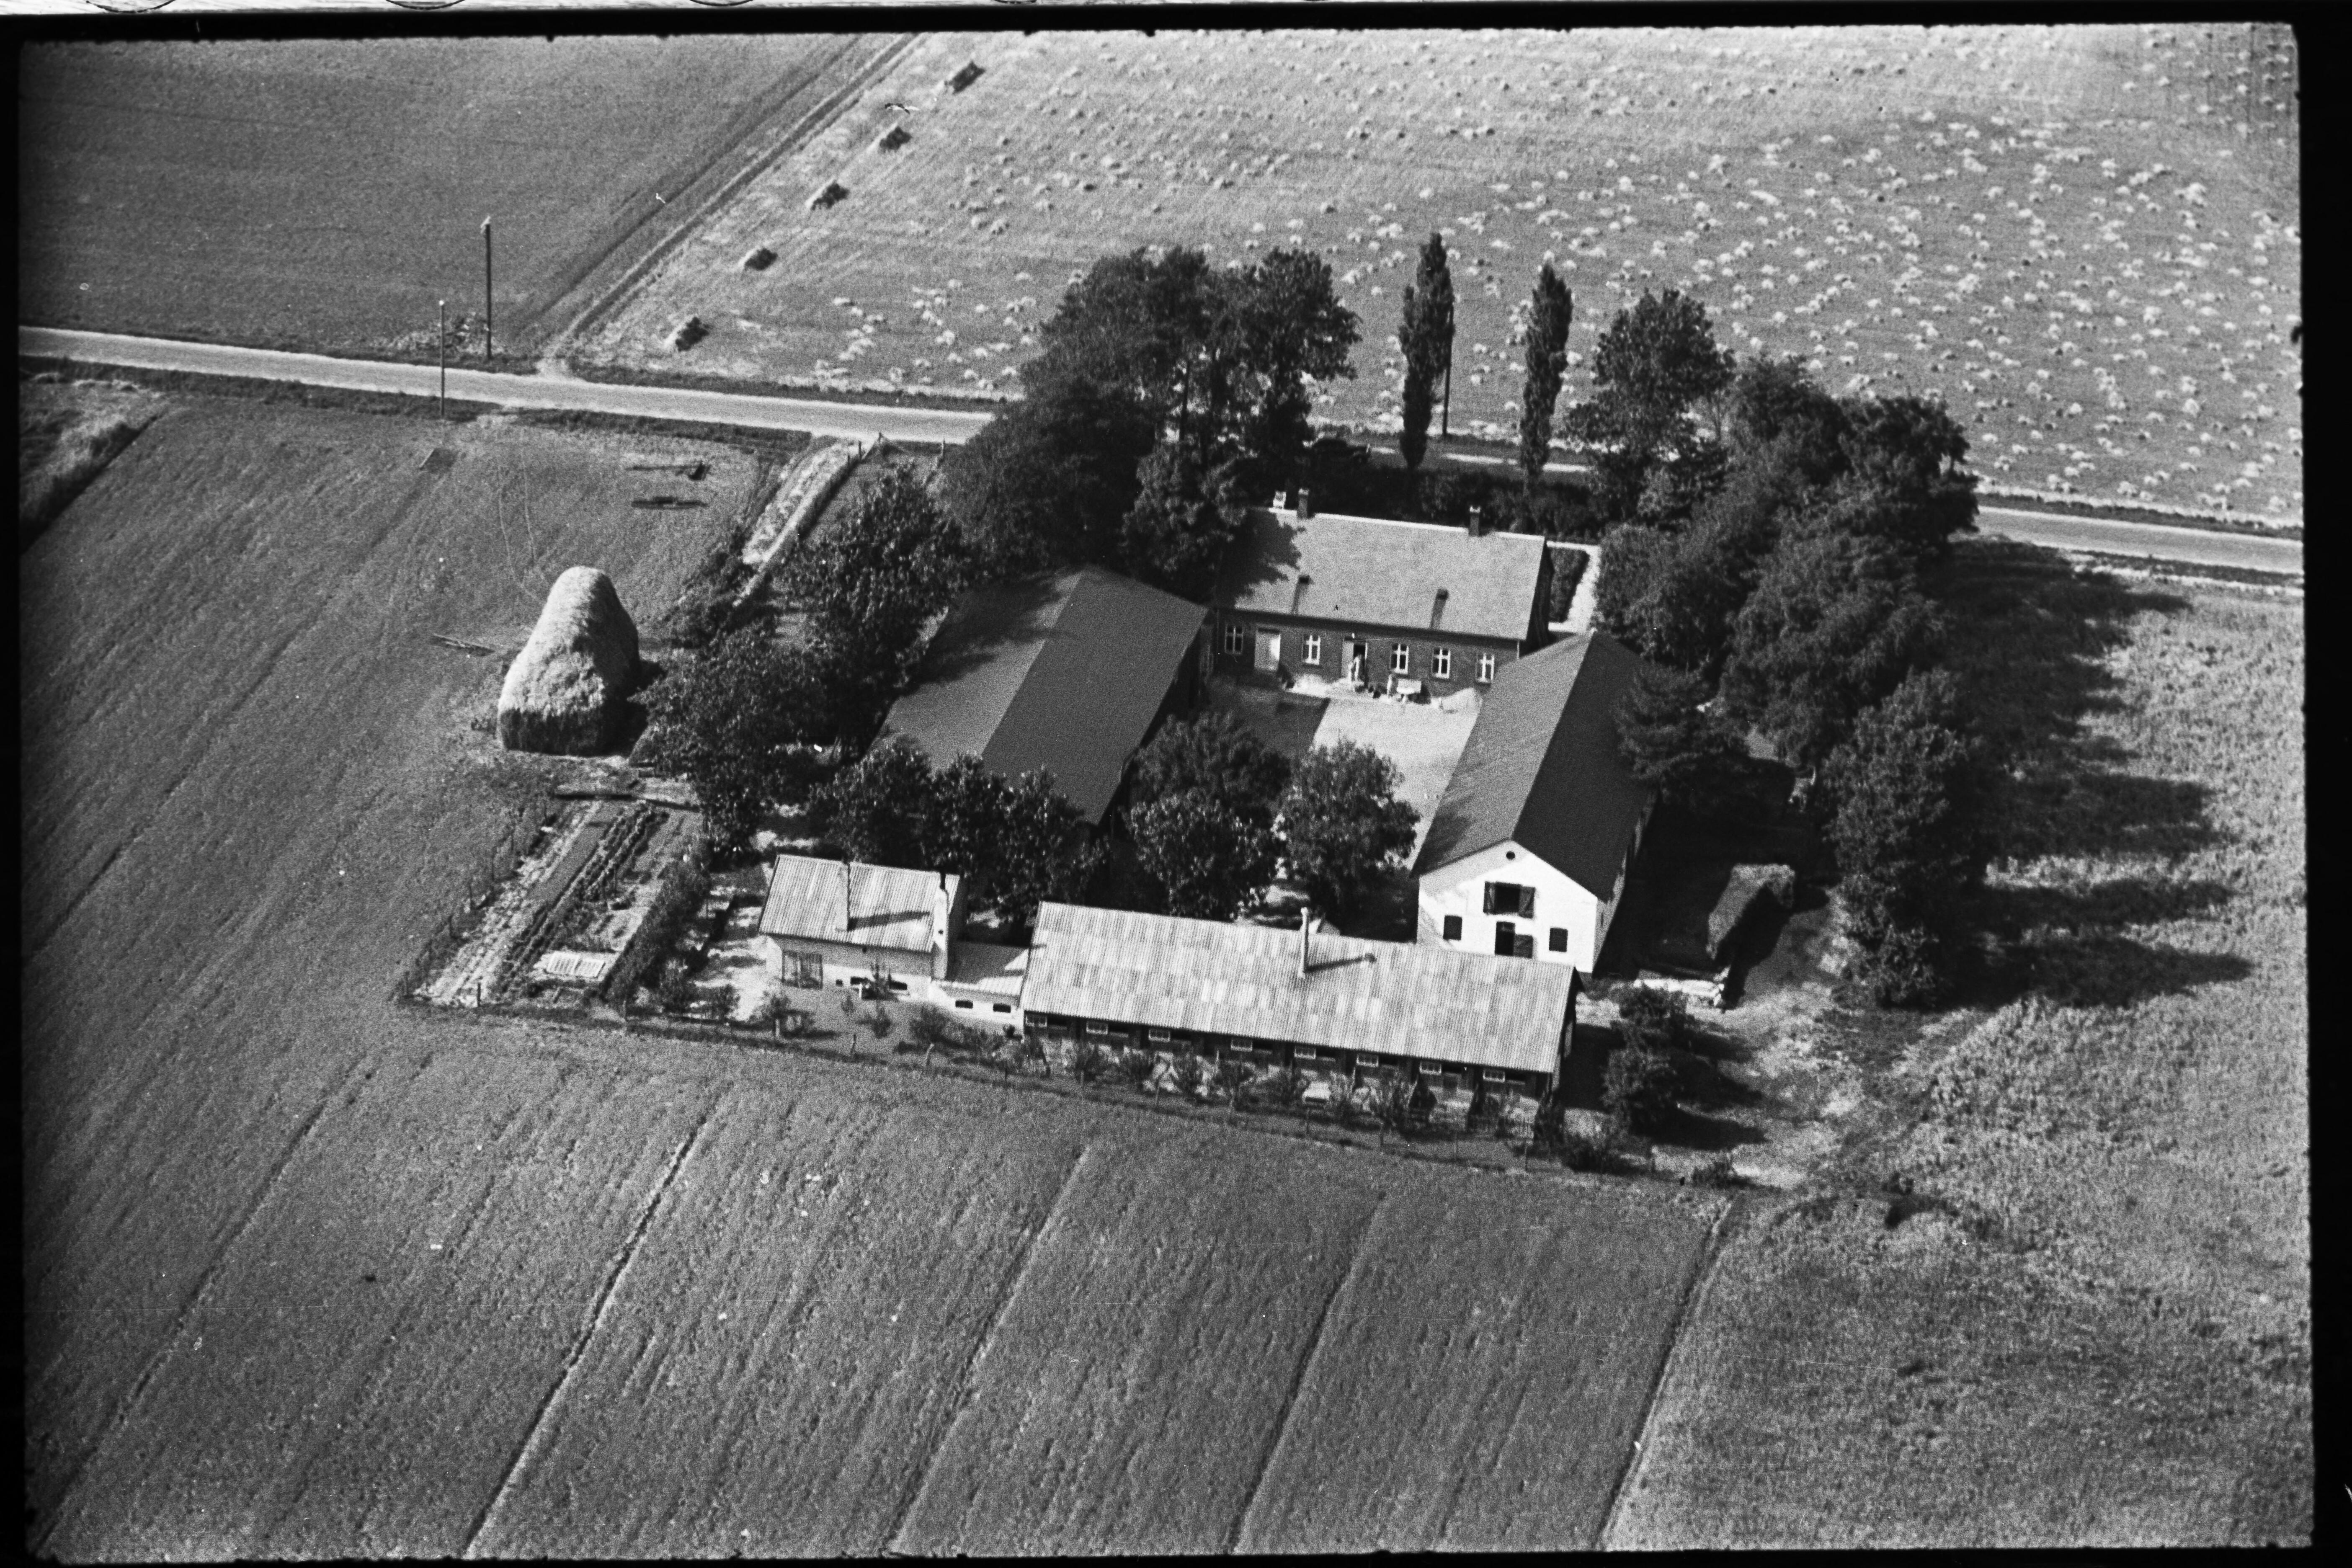 Skråfoto fra 1936-1938 taget 42 meter fra Arnold Nielsens Boulevard 10, 3. tv